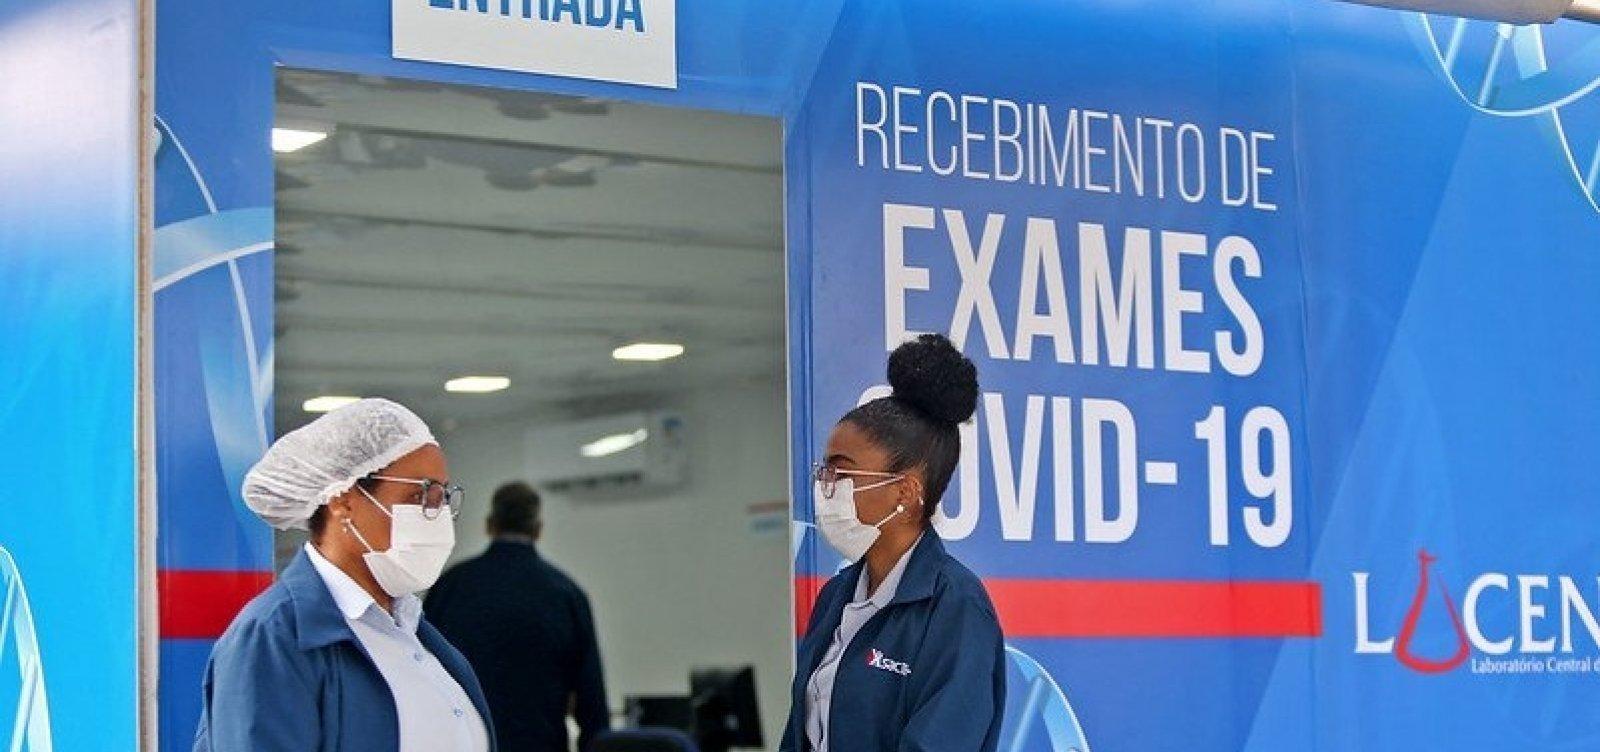 Em 24 horas, Bahia registra 4.146 casos de Covid-19 e 127 óbitos pela doença